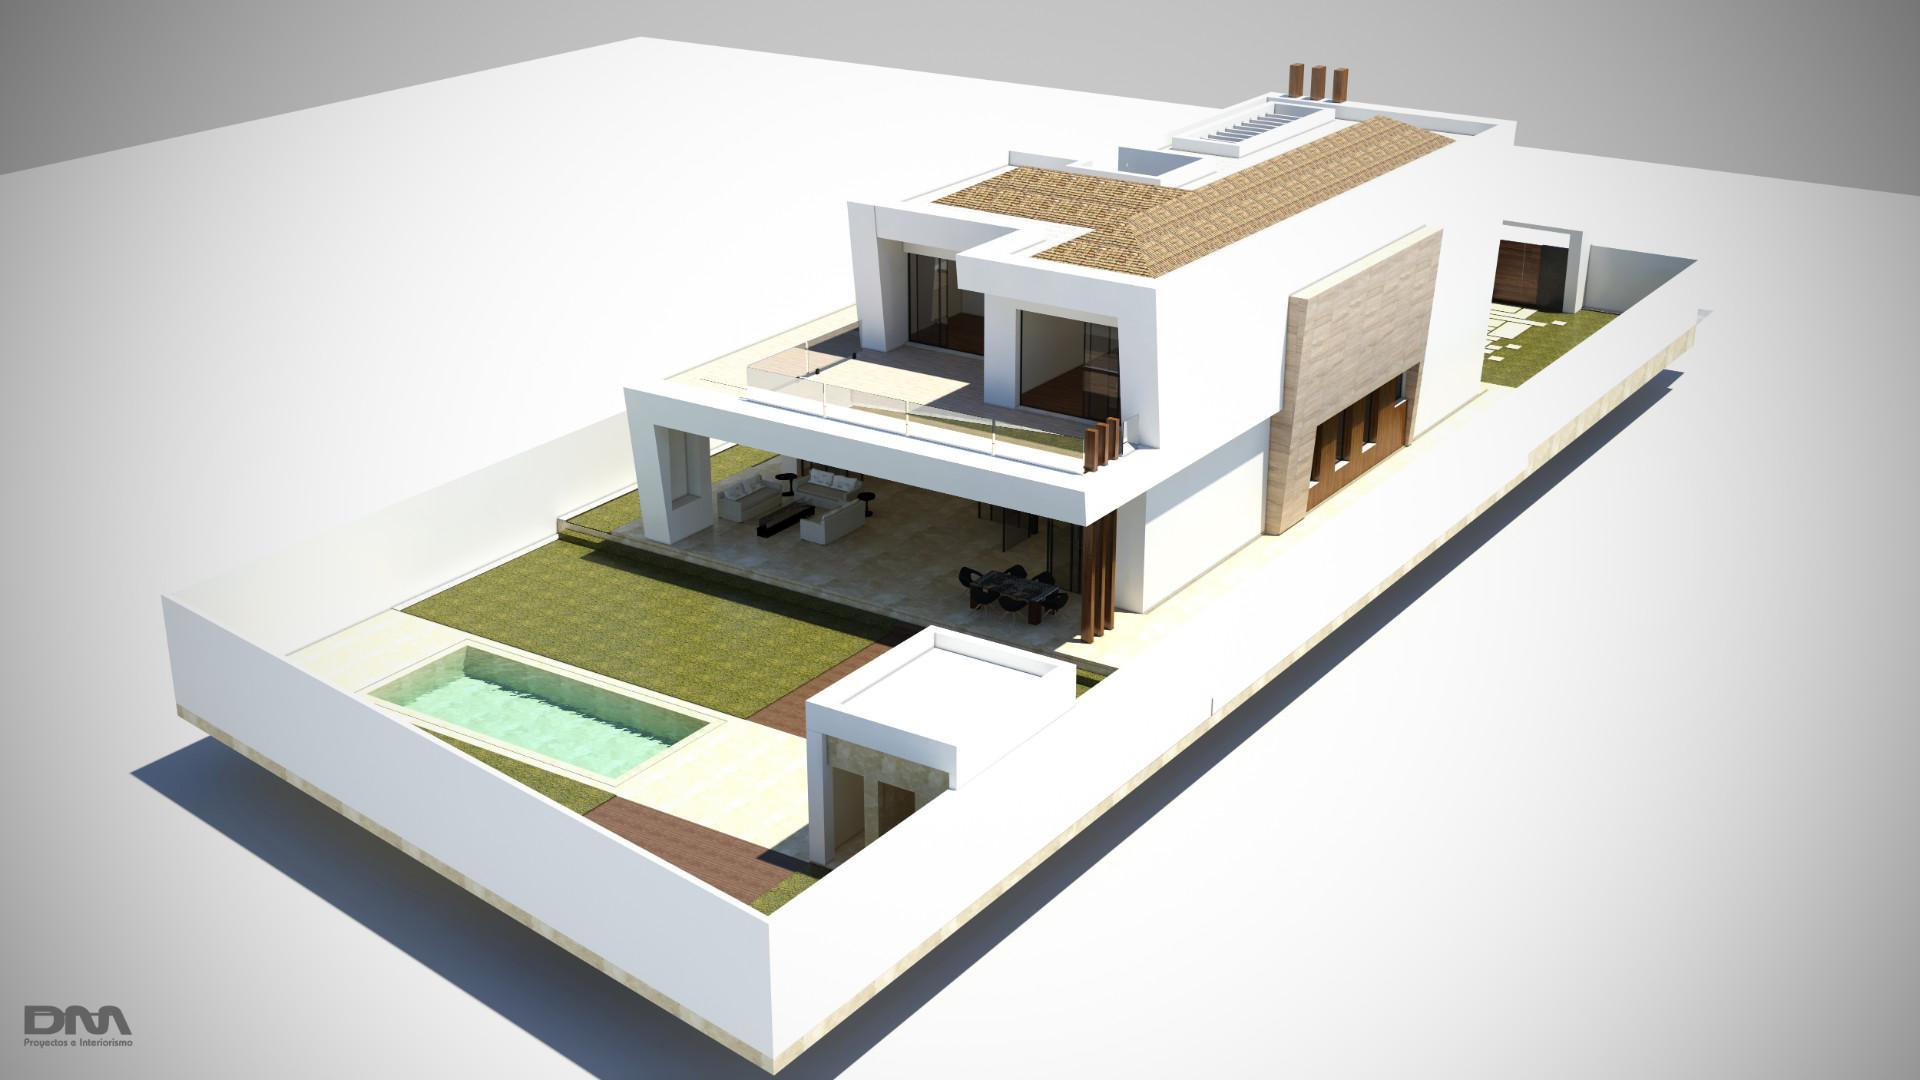 proyectos-interiorismo-interioristas-diseno-interiores-viviendas-particulares-chalets-adosados-lujo-09